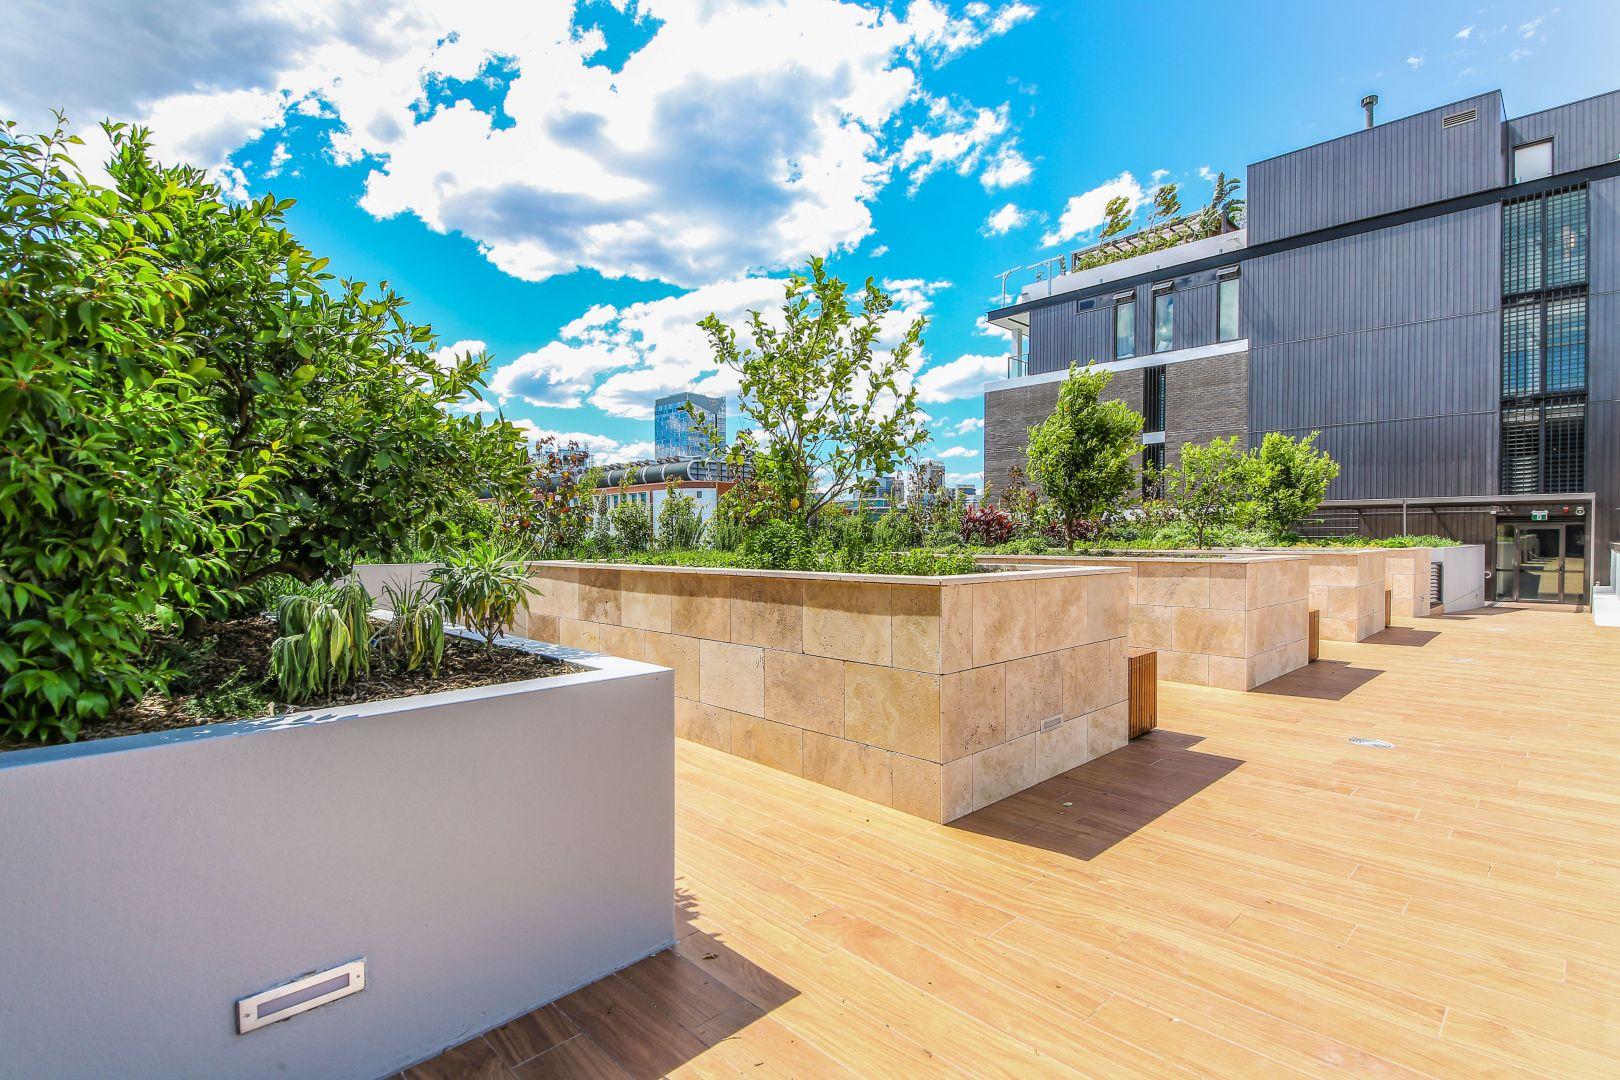 landscape construction companies